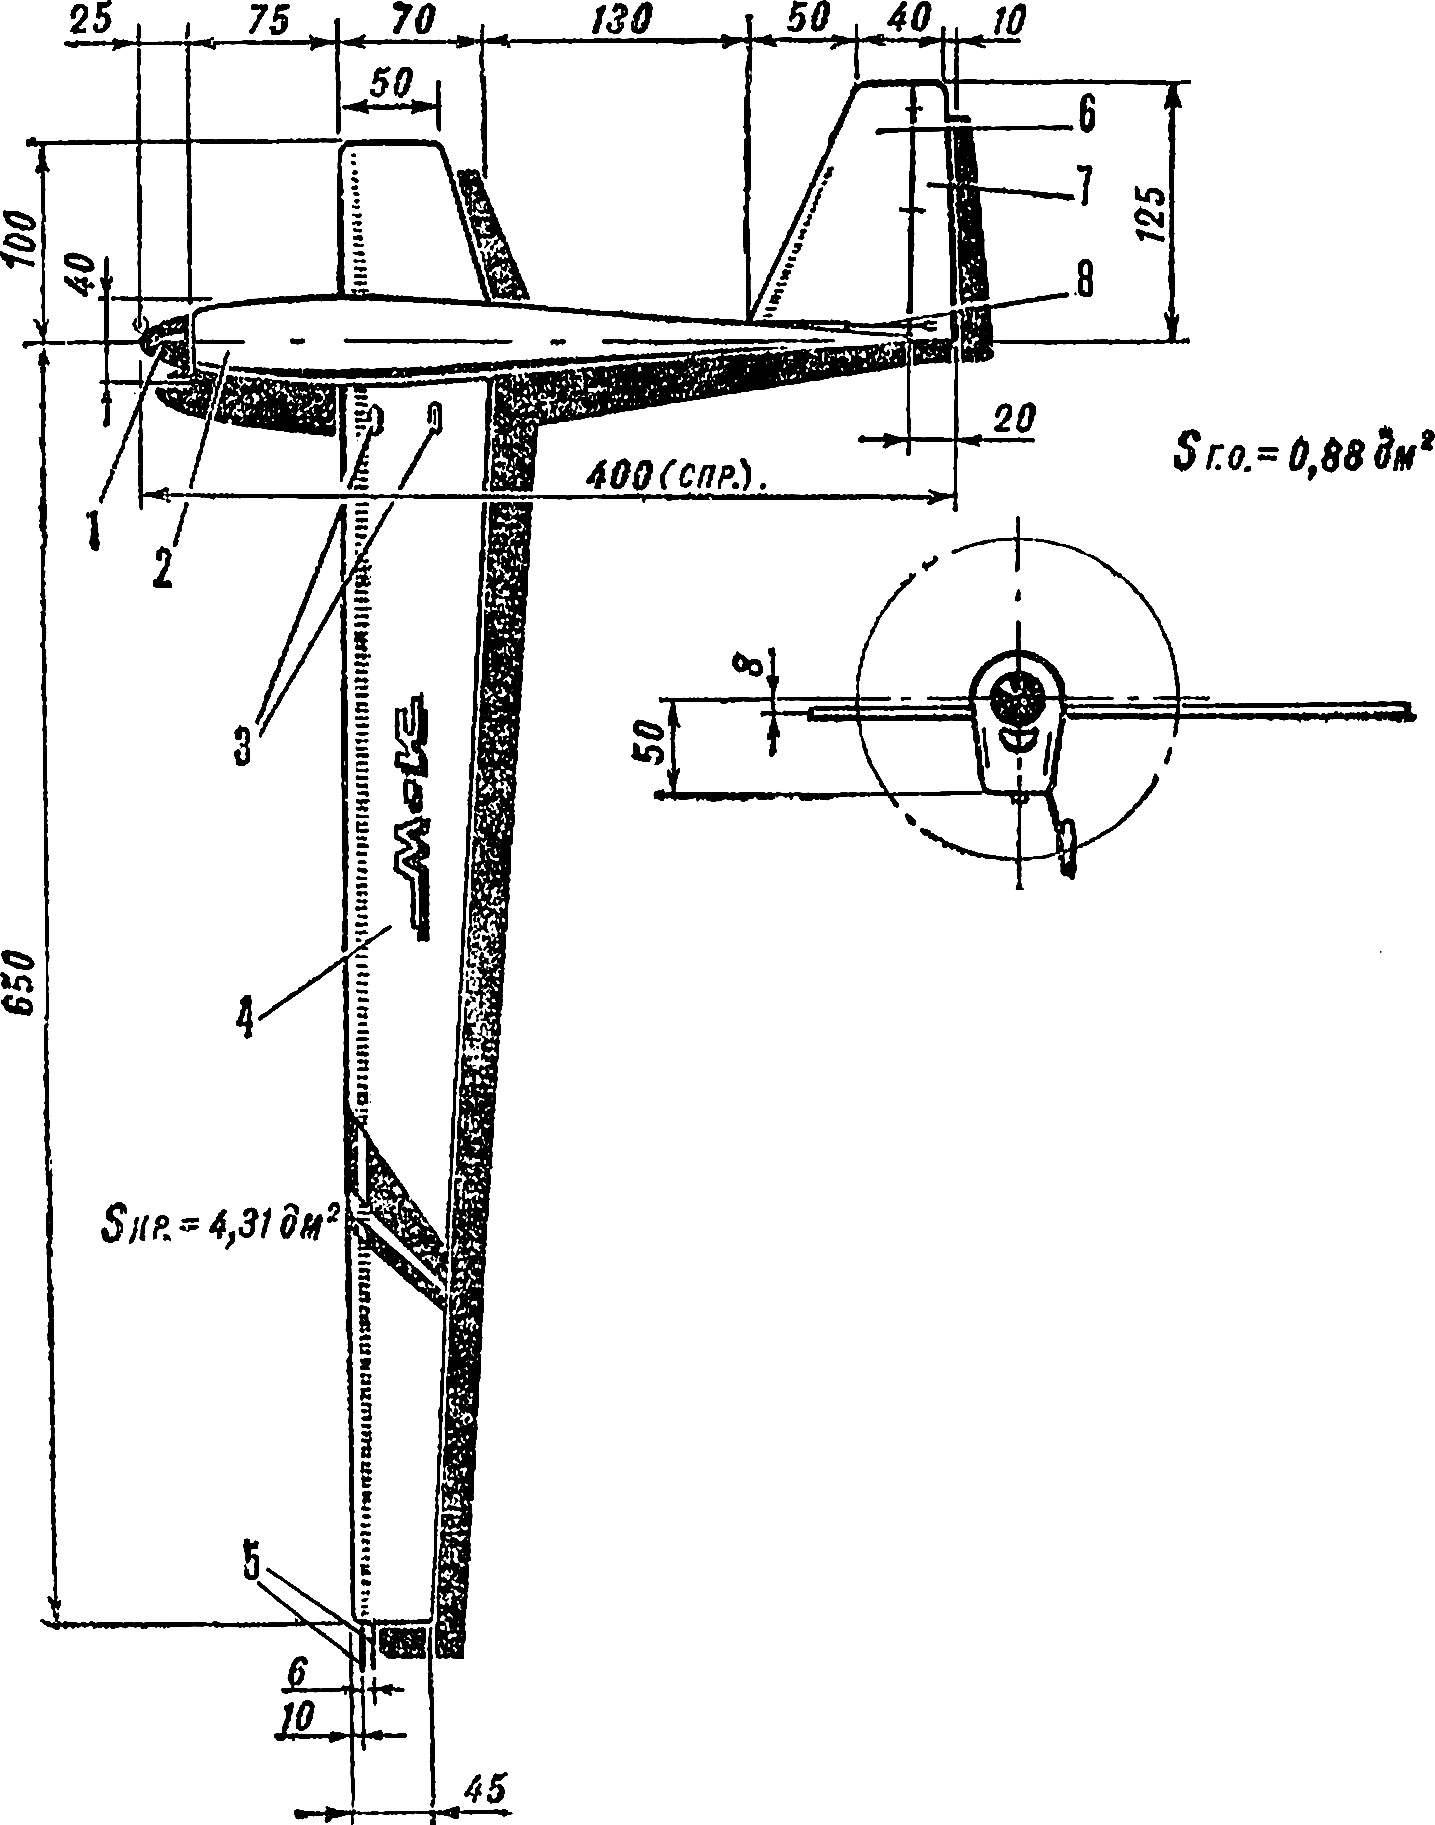 Рис. 1. Кордовая скоростная авиамодель.